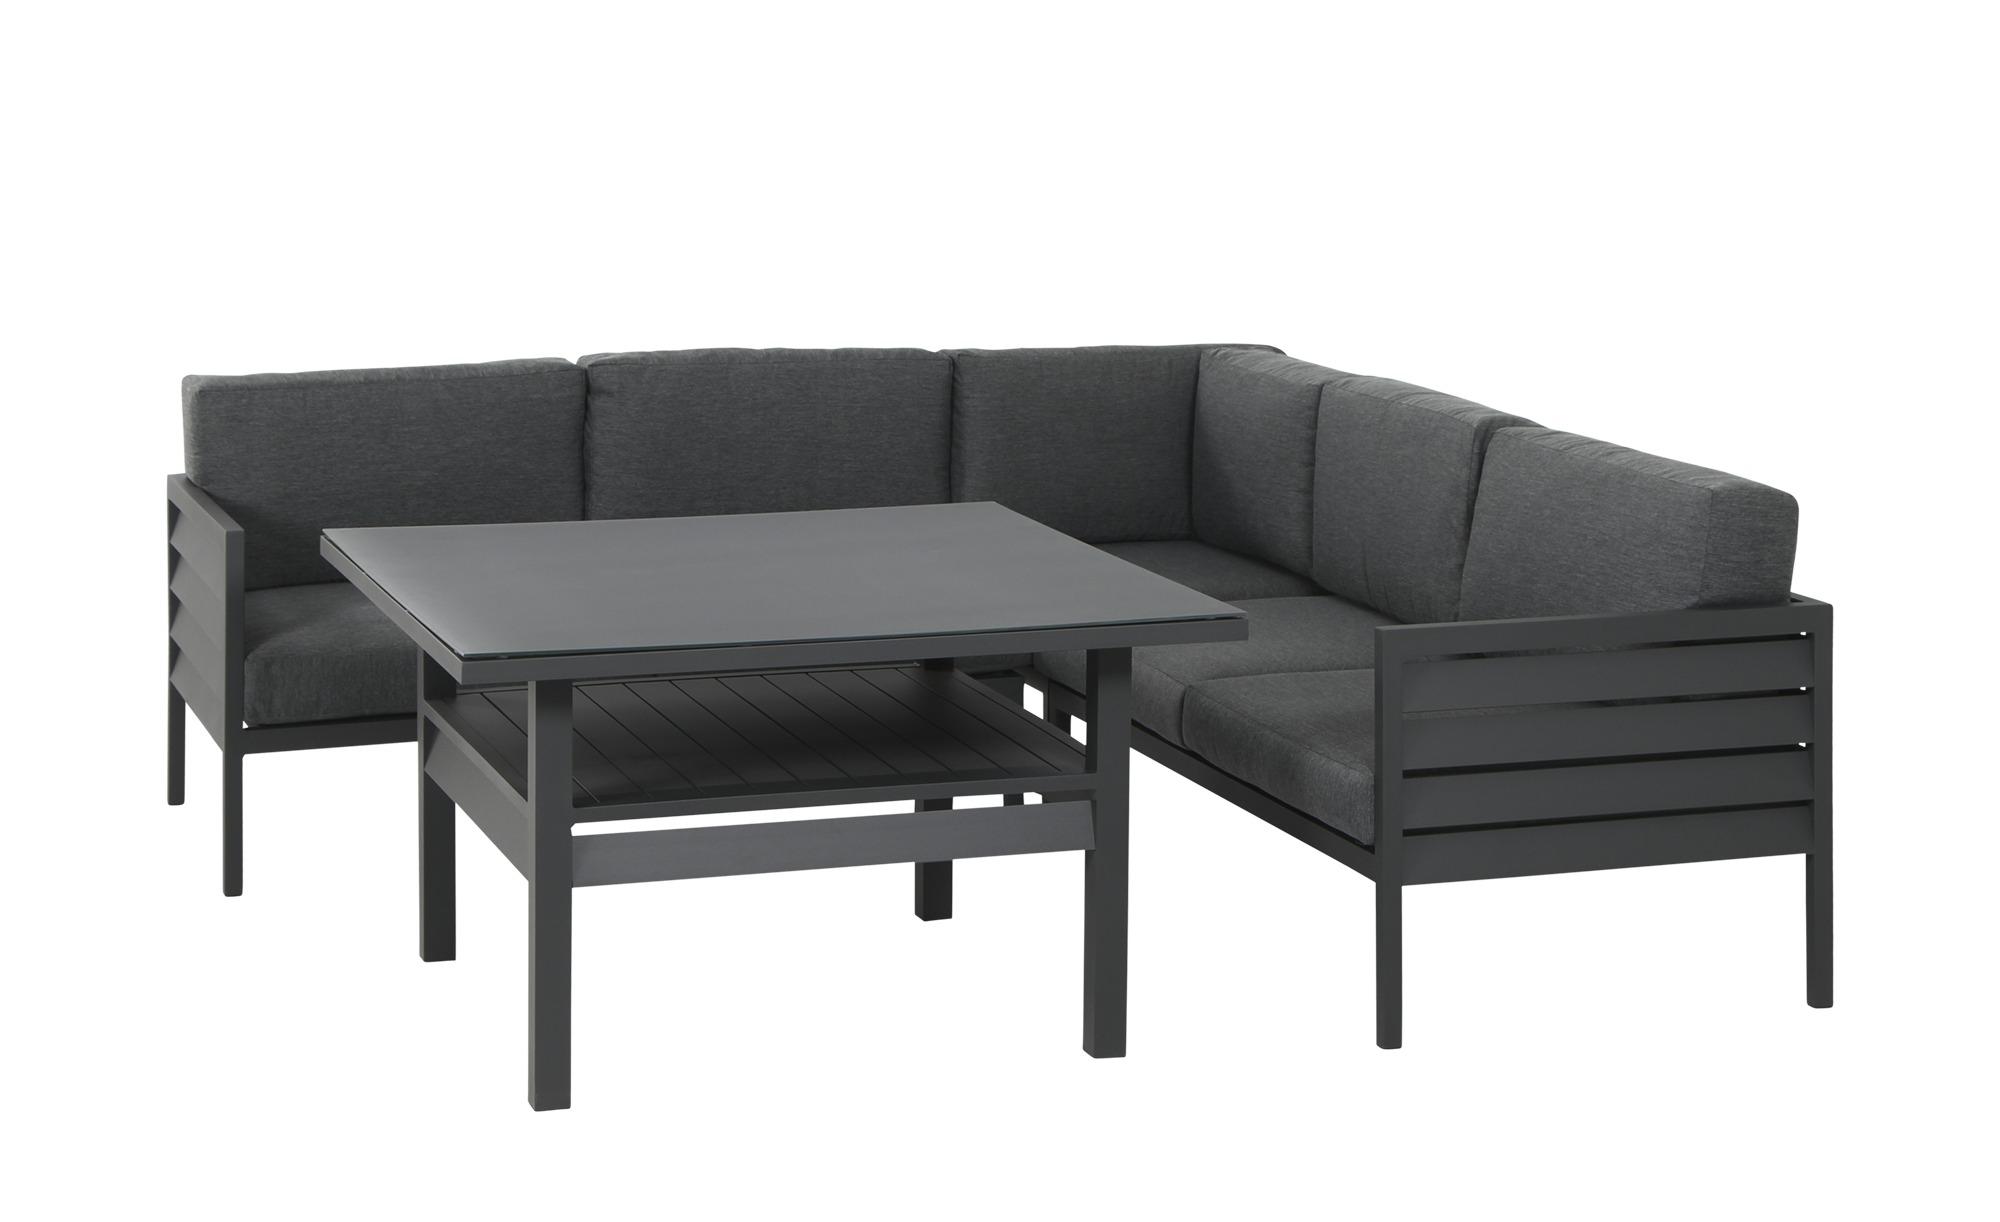 Lounge-Set   Cartena ¦ grau Garten > Gartenmöbel > Gartenmöbel Sets - Höffner   Garten > Gartenmöbel > Loungemöbel-Garten   Grau   Metall   Möbel Höffner DE